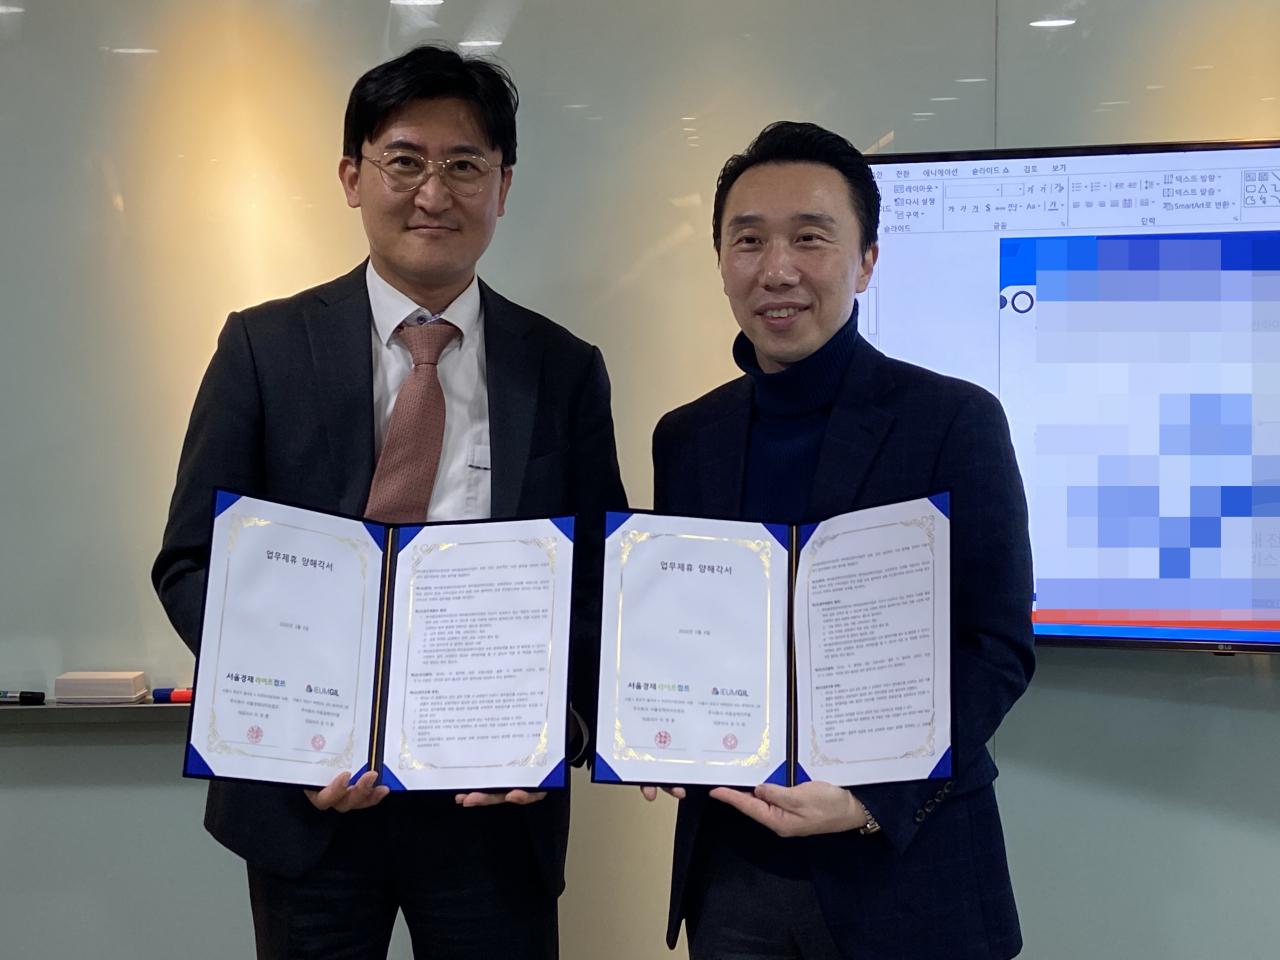 서울경제라이프점프-이음길, 한국형 전직지원서비스 모델 만든다